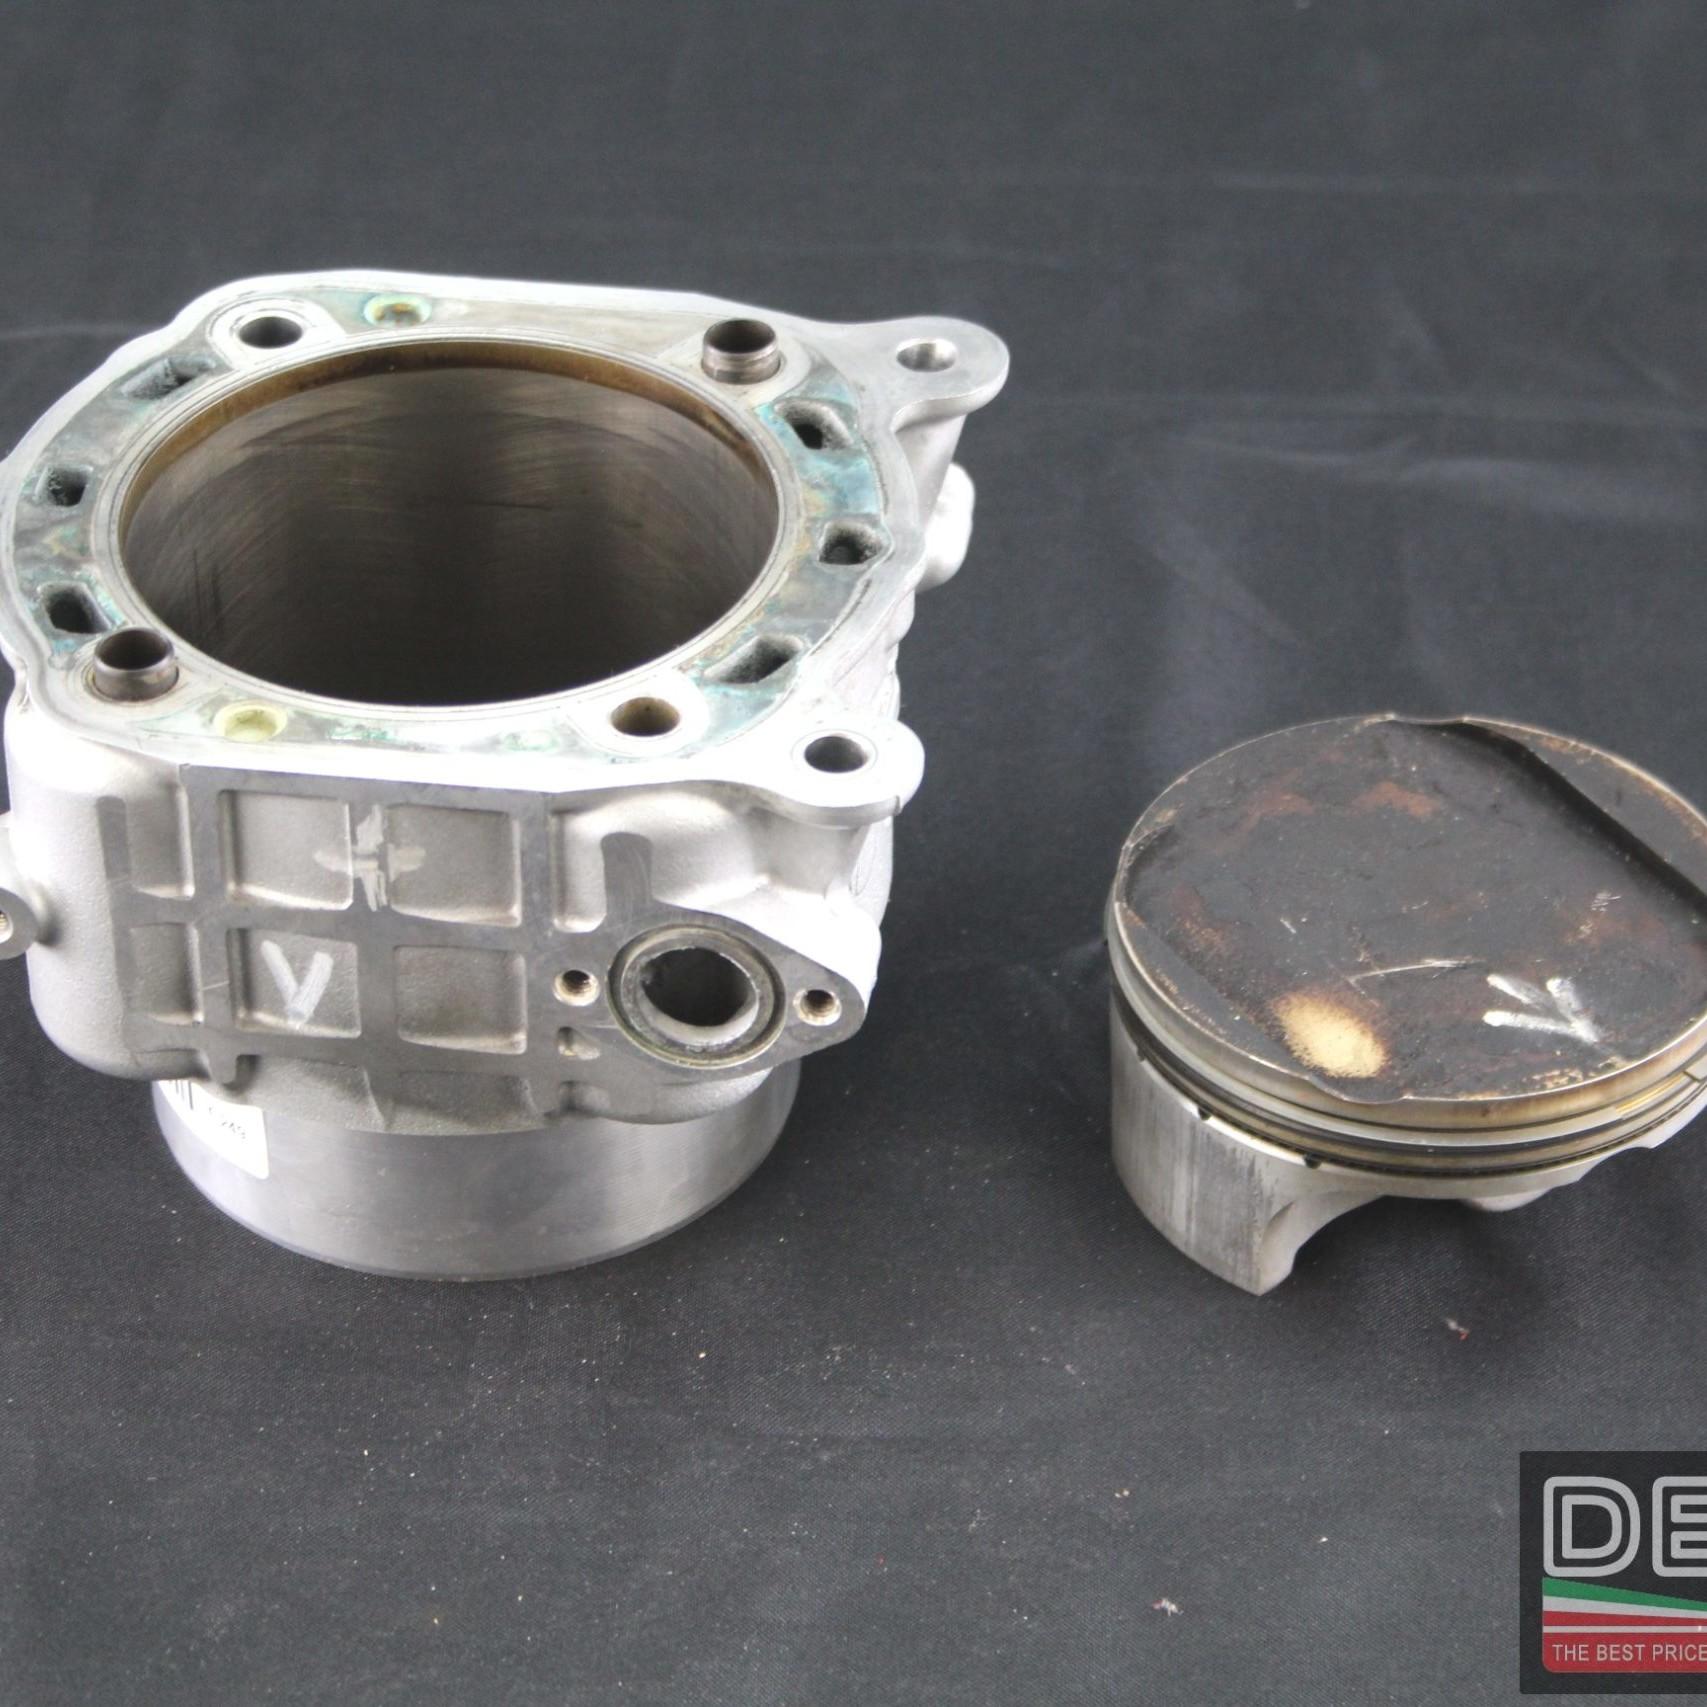 Cilindro pistone Ducati Monster 998 sbk 998 999